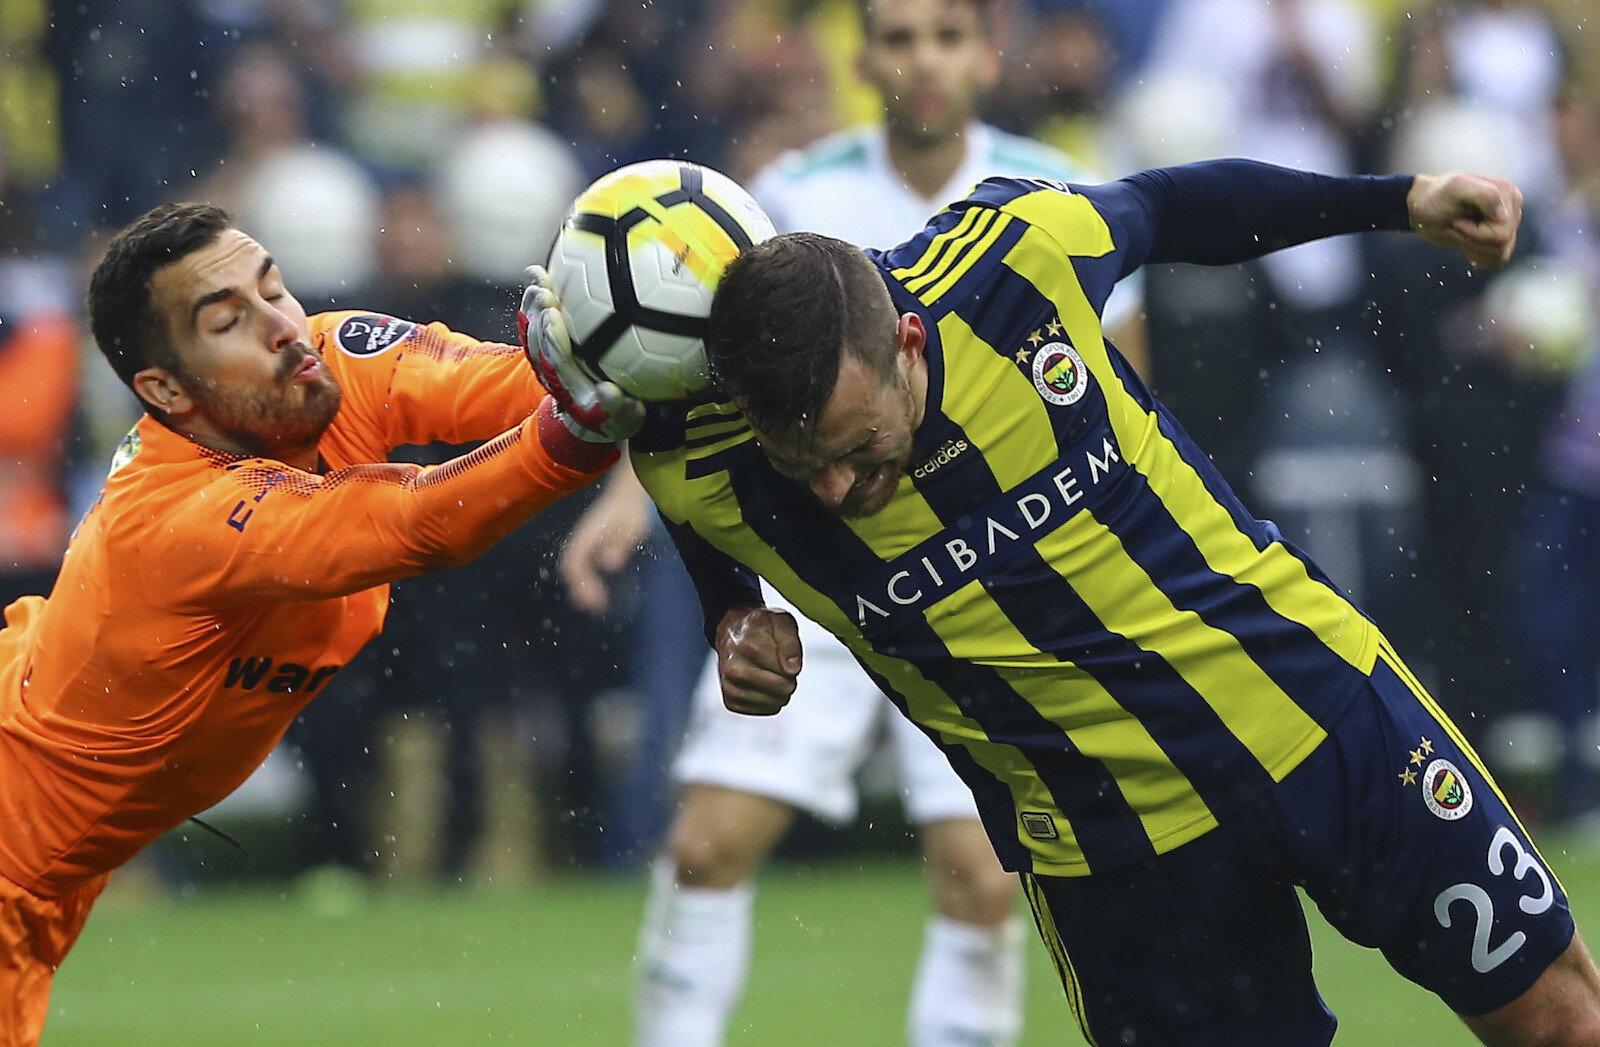 Spor Toto Süper Lig'in 32. haftasında Fenerbahçe ile Bursaspor takımları karşılaştı. Bir pozisyonda Fenerbahçeli oyuncu Vincent Janssen (23), Bursaspor kalecisi Harun Tekin (solda) ile mücadele etti.